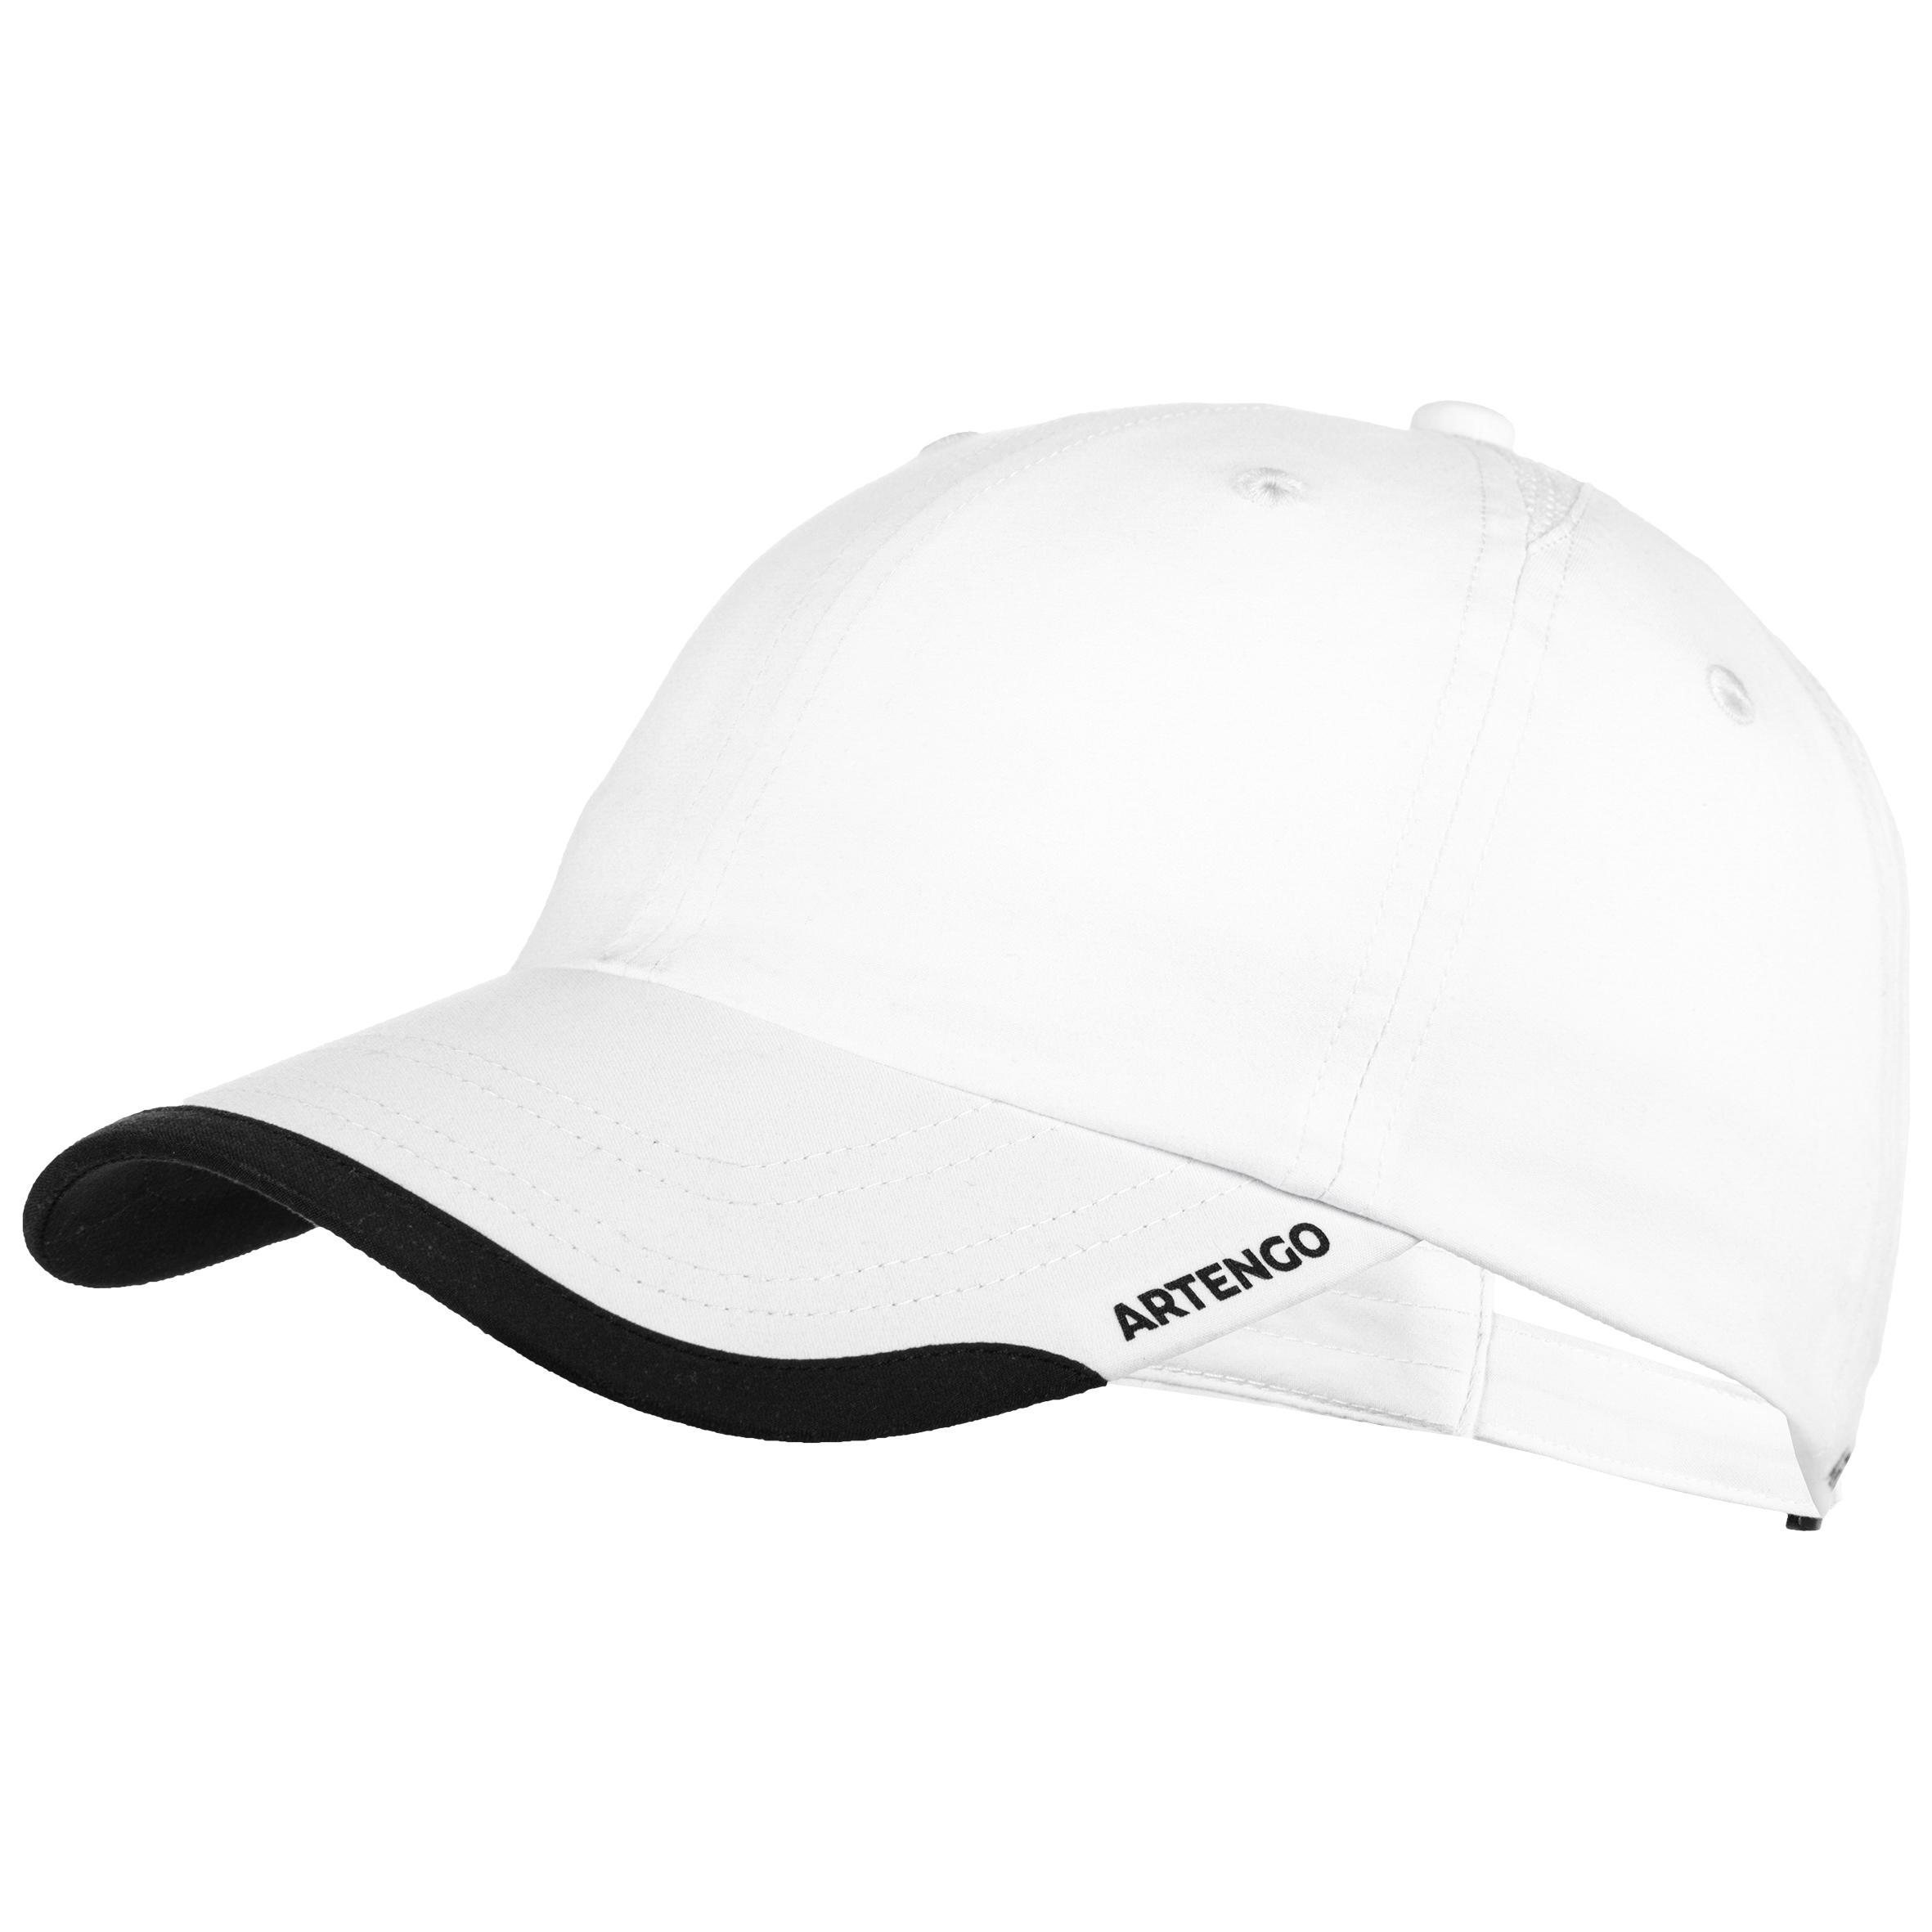 Schirmmütze Tennis-Cap TC 100 flexibel Gr. 58   Accessoires > Caps > Sonstige Caps   Artengo